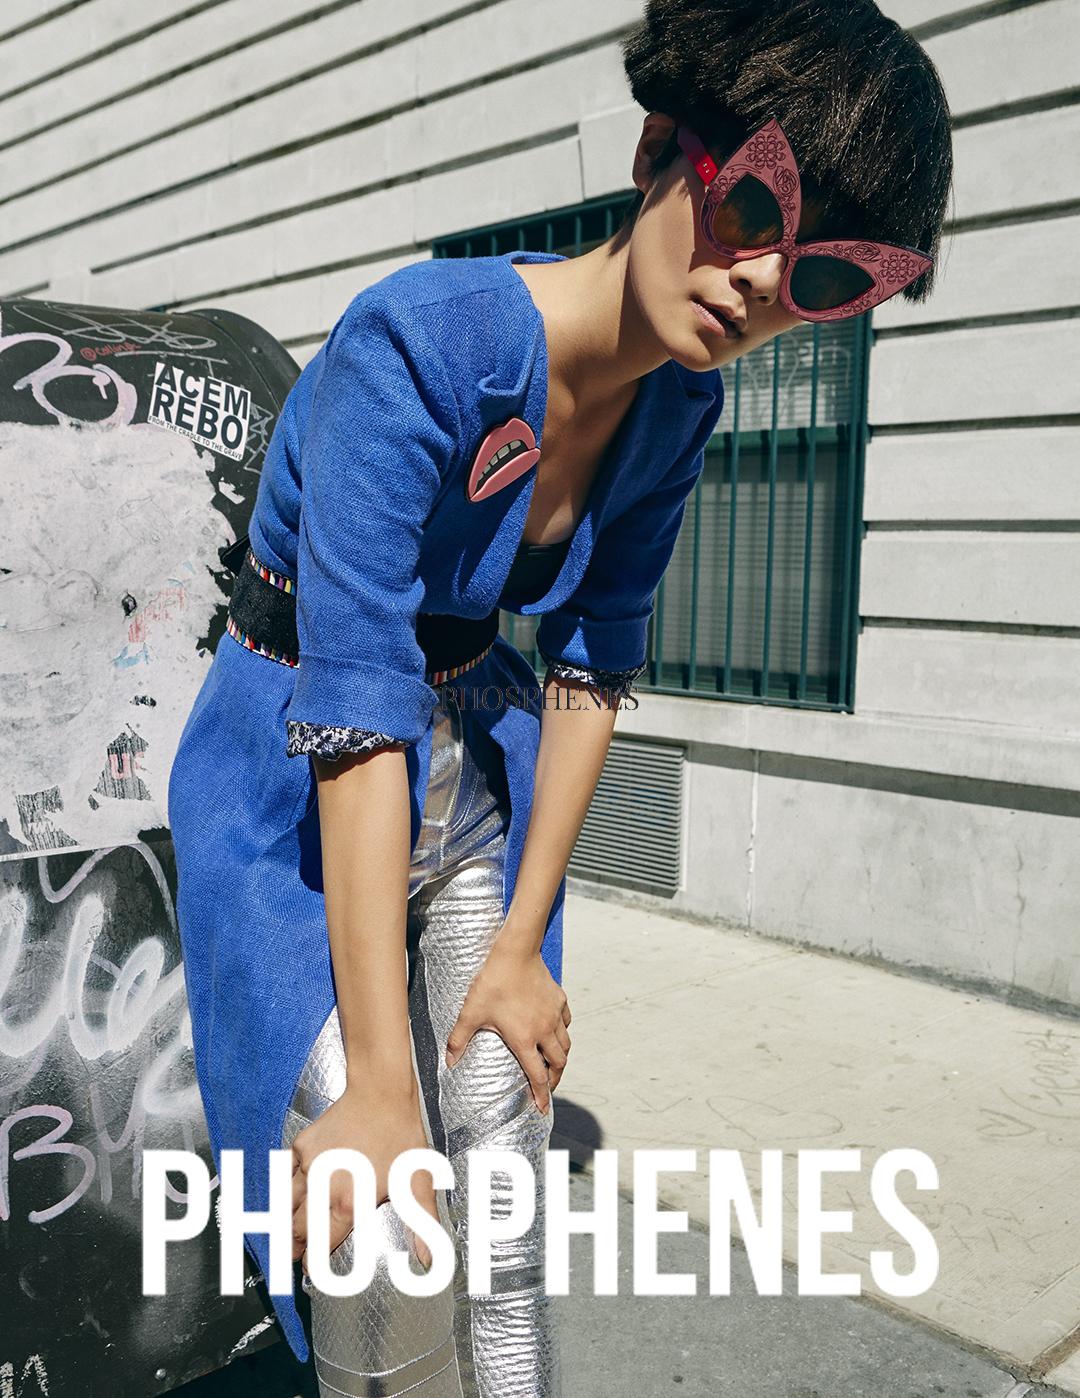 phosphes.jpg